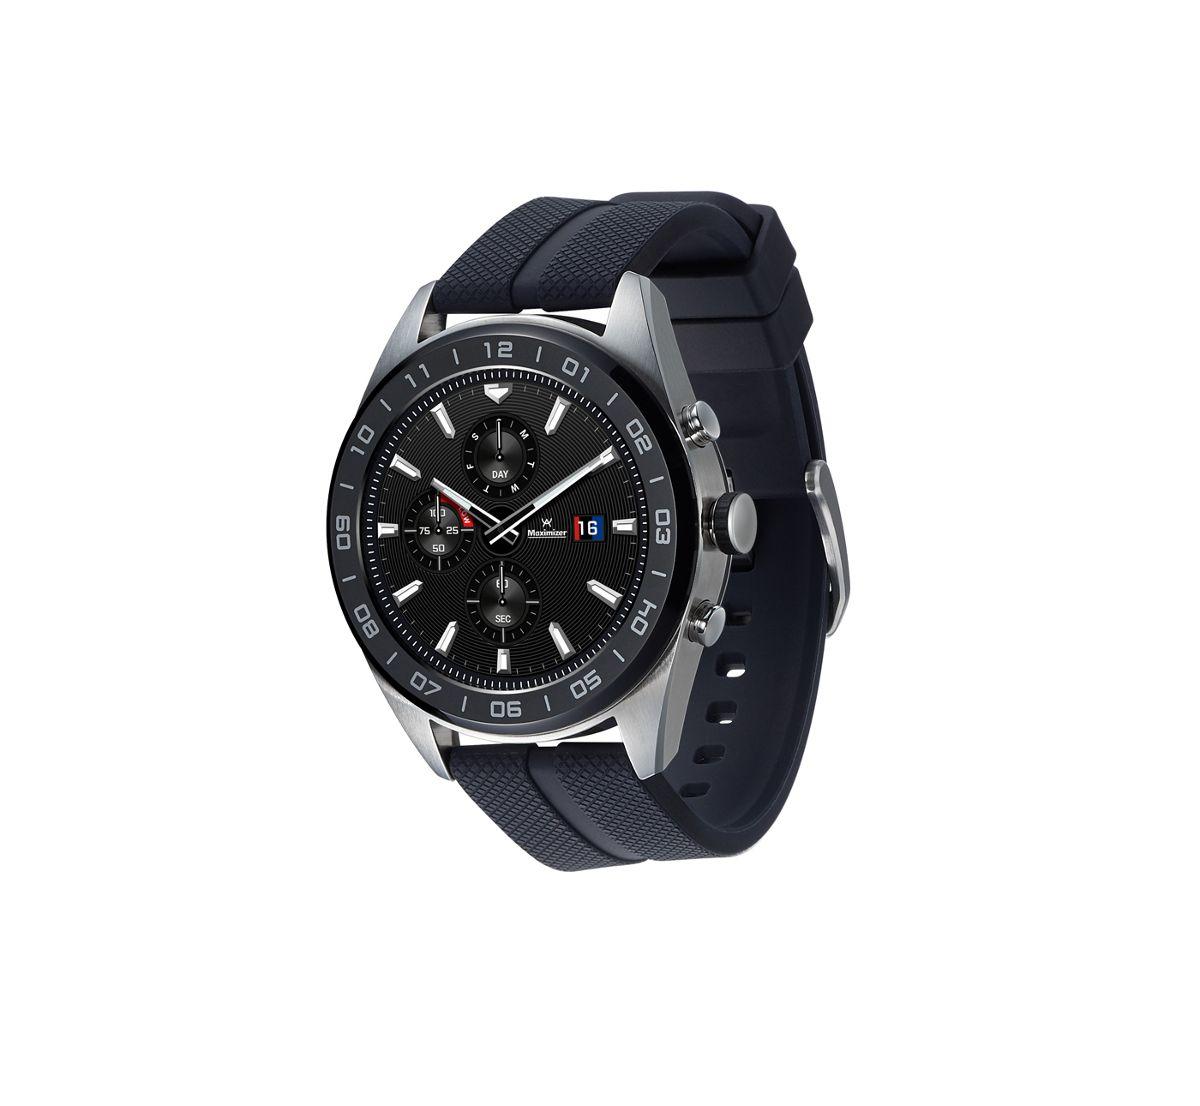 LG Watch W7 003